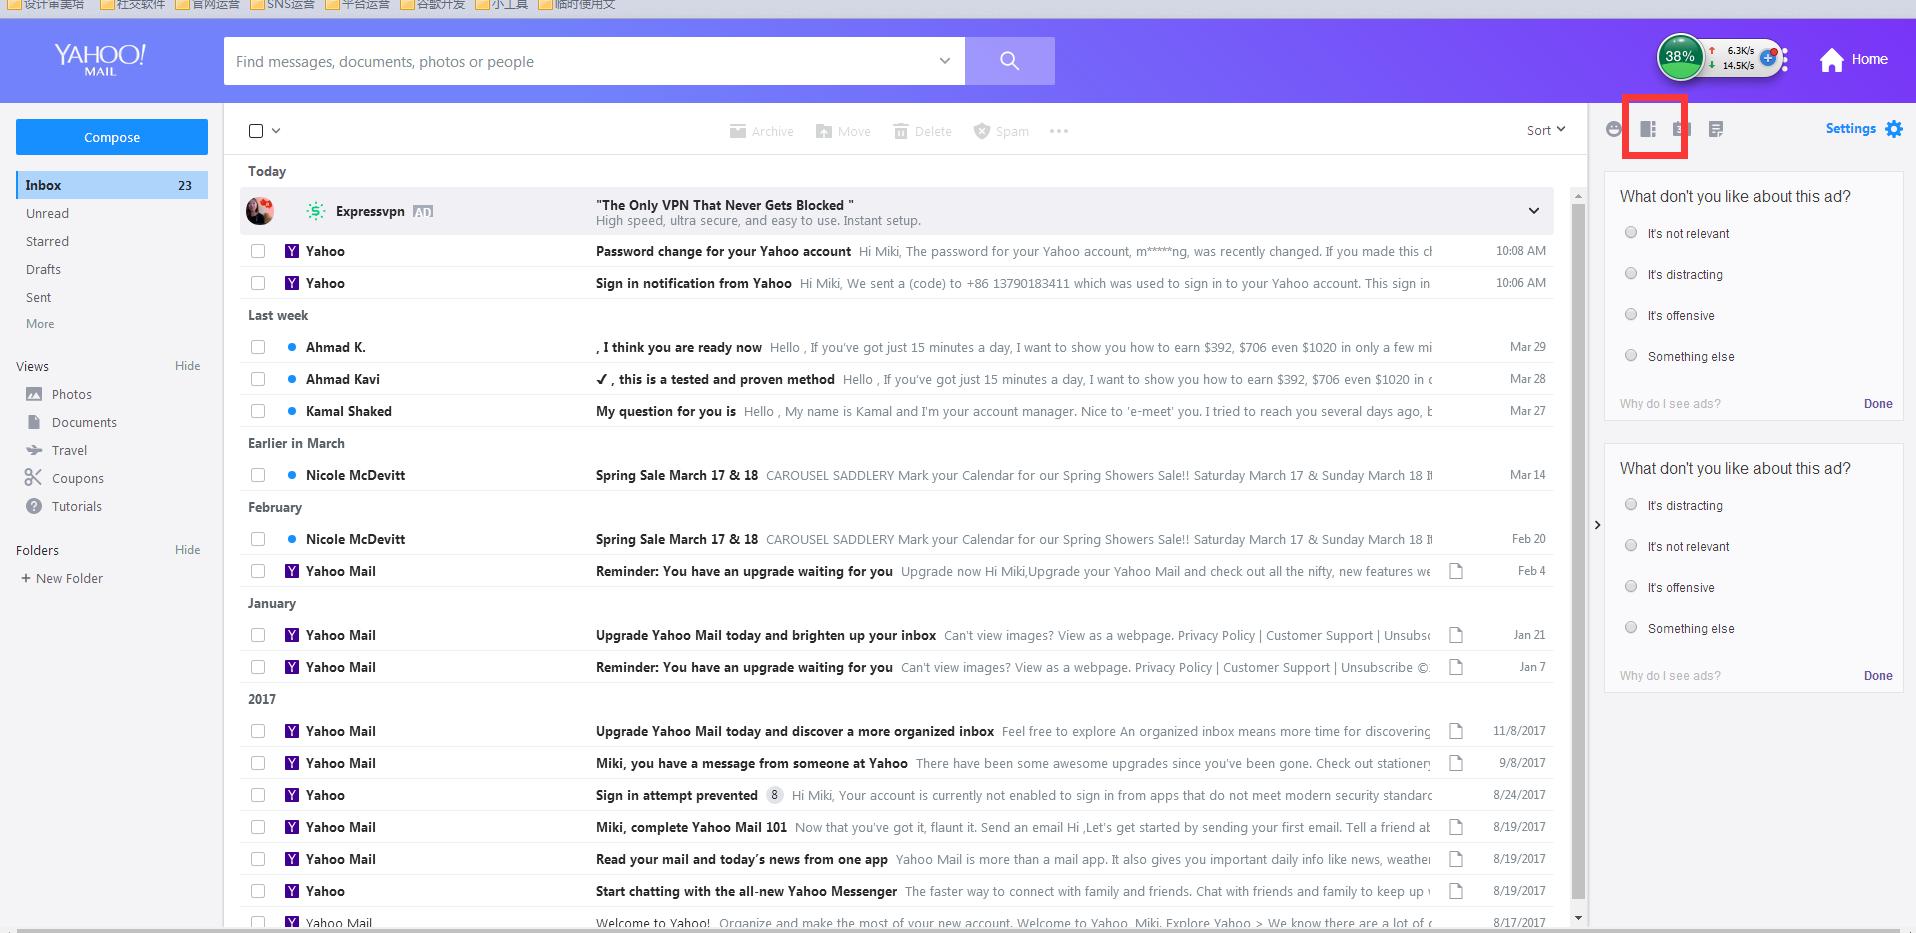 eT7xIqYy VjSc - 批量获取Facebook联系人的邮箱